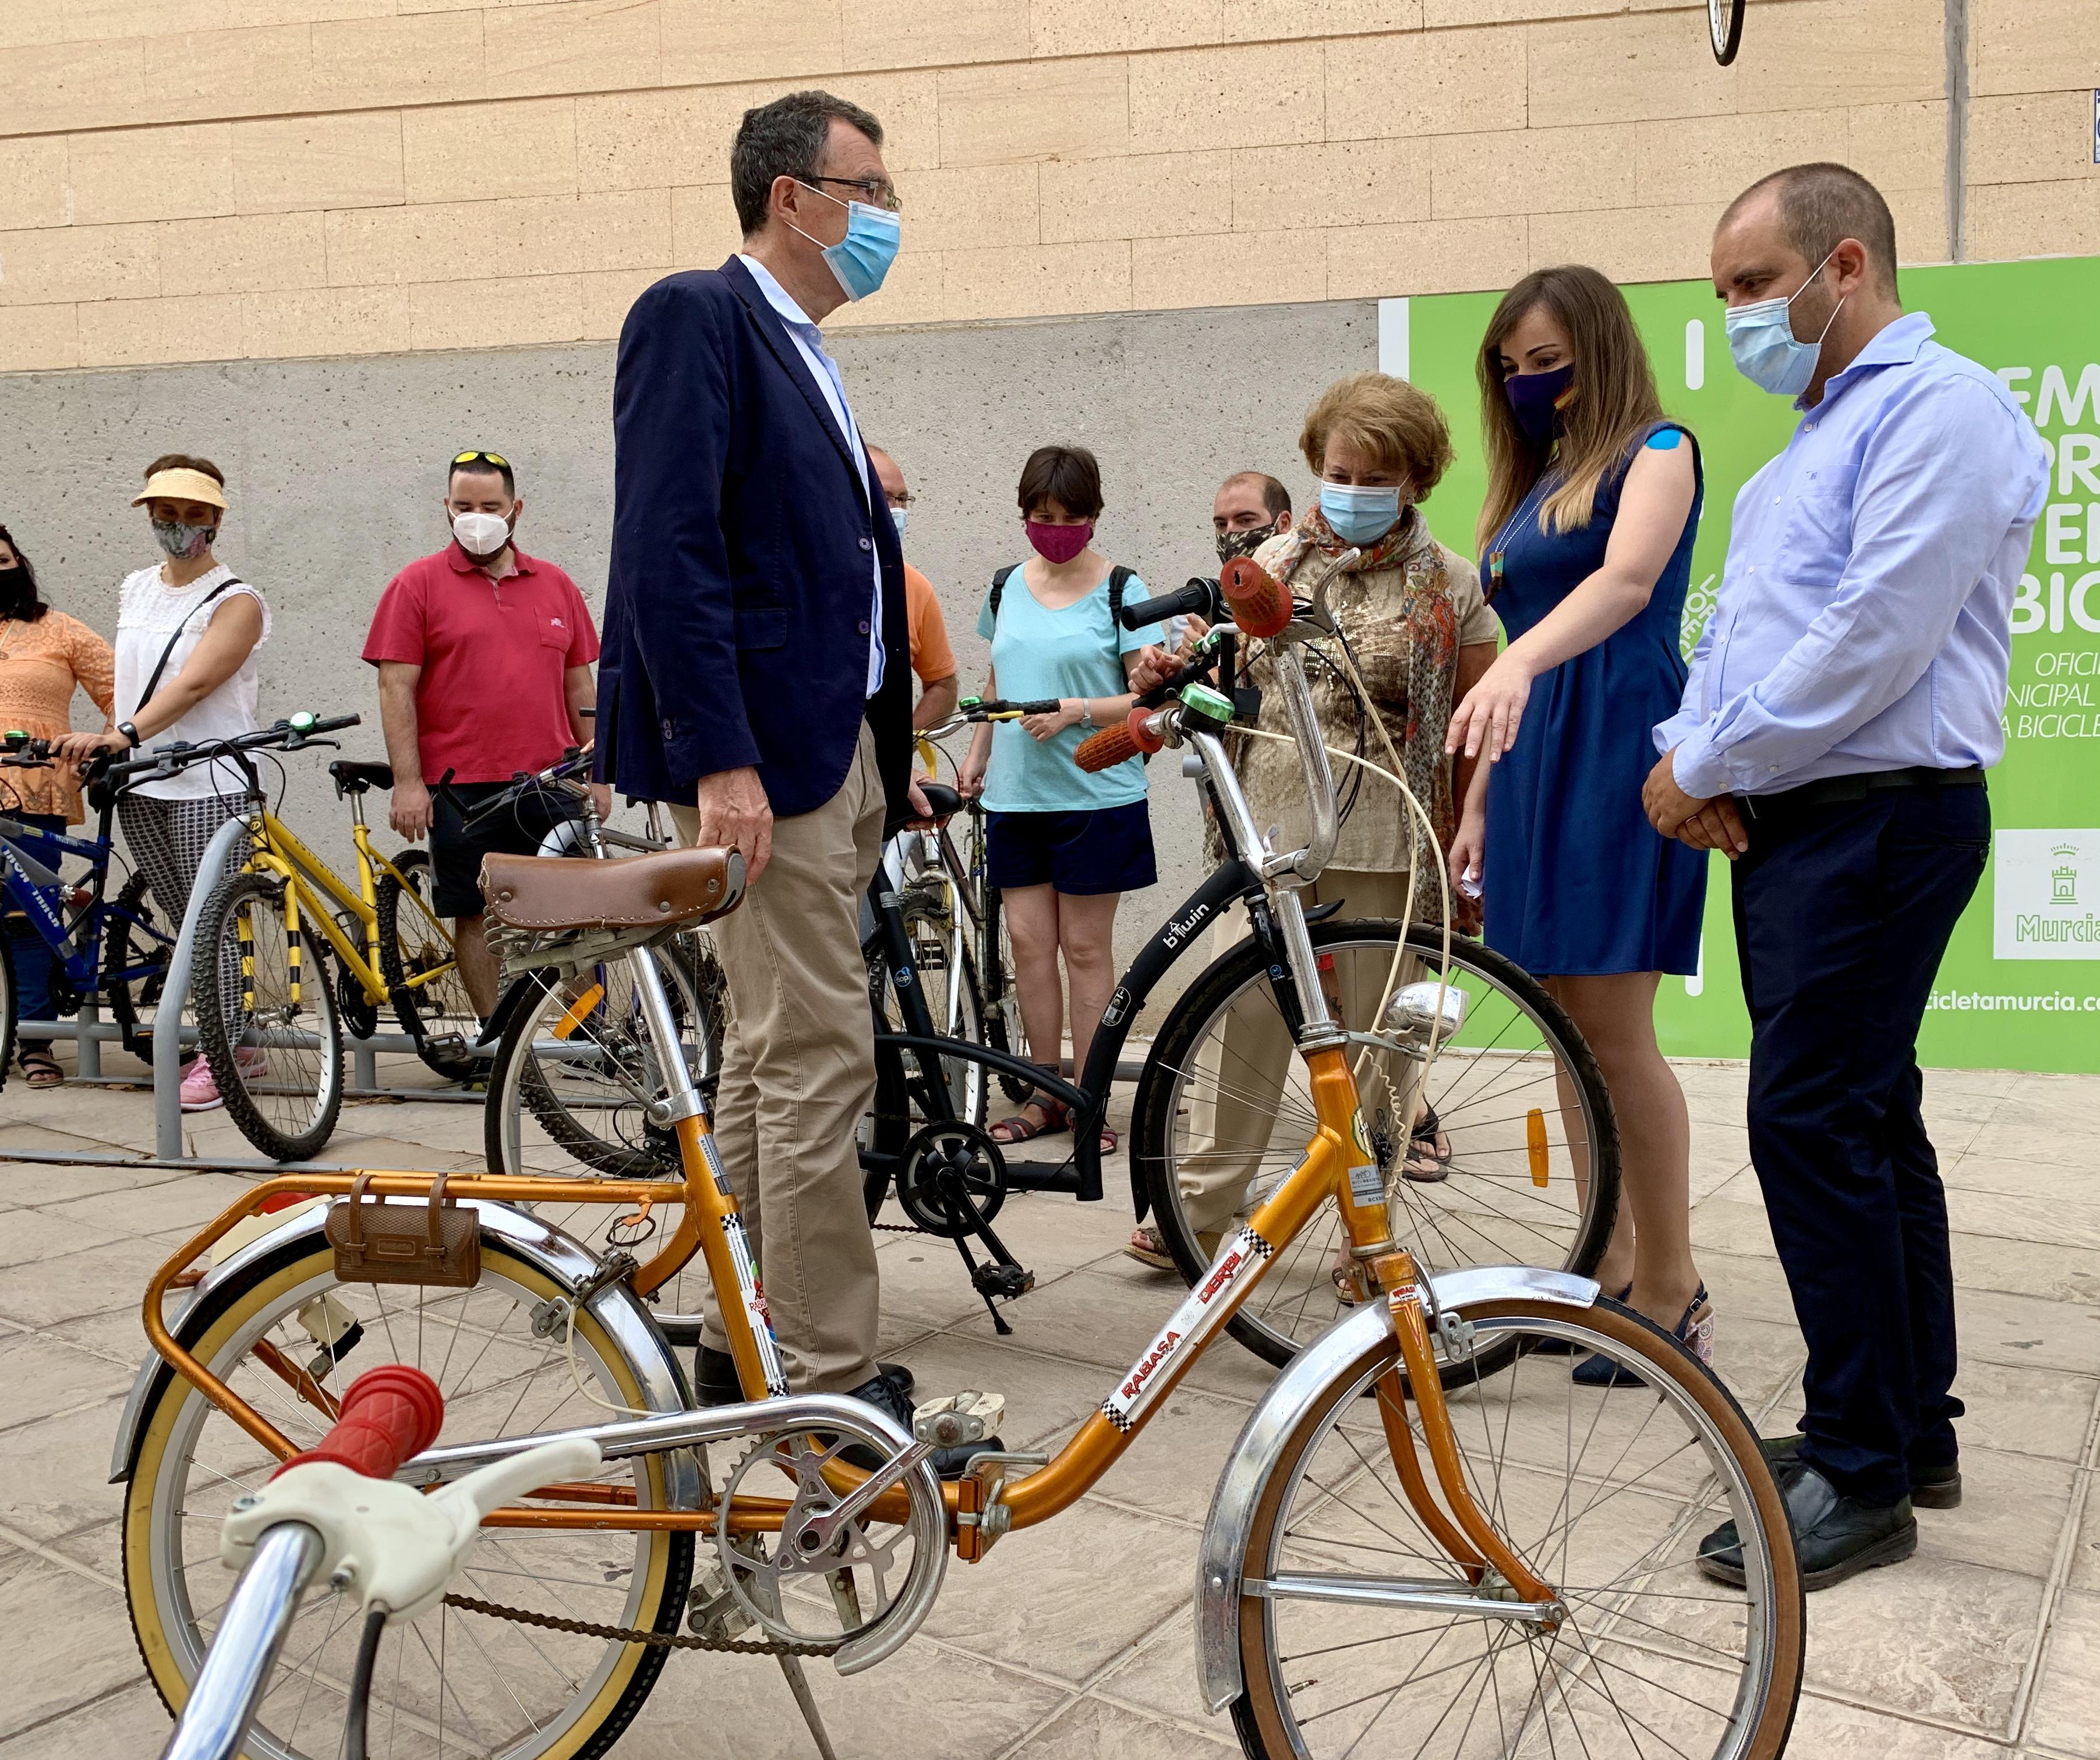 Las bicicletas a recuperar han de ser donadas por particulares a la Oficina Municipal de la Bicicleta. Imagen: Ayto. de Murcia